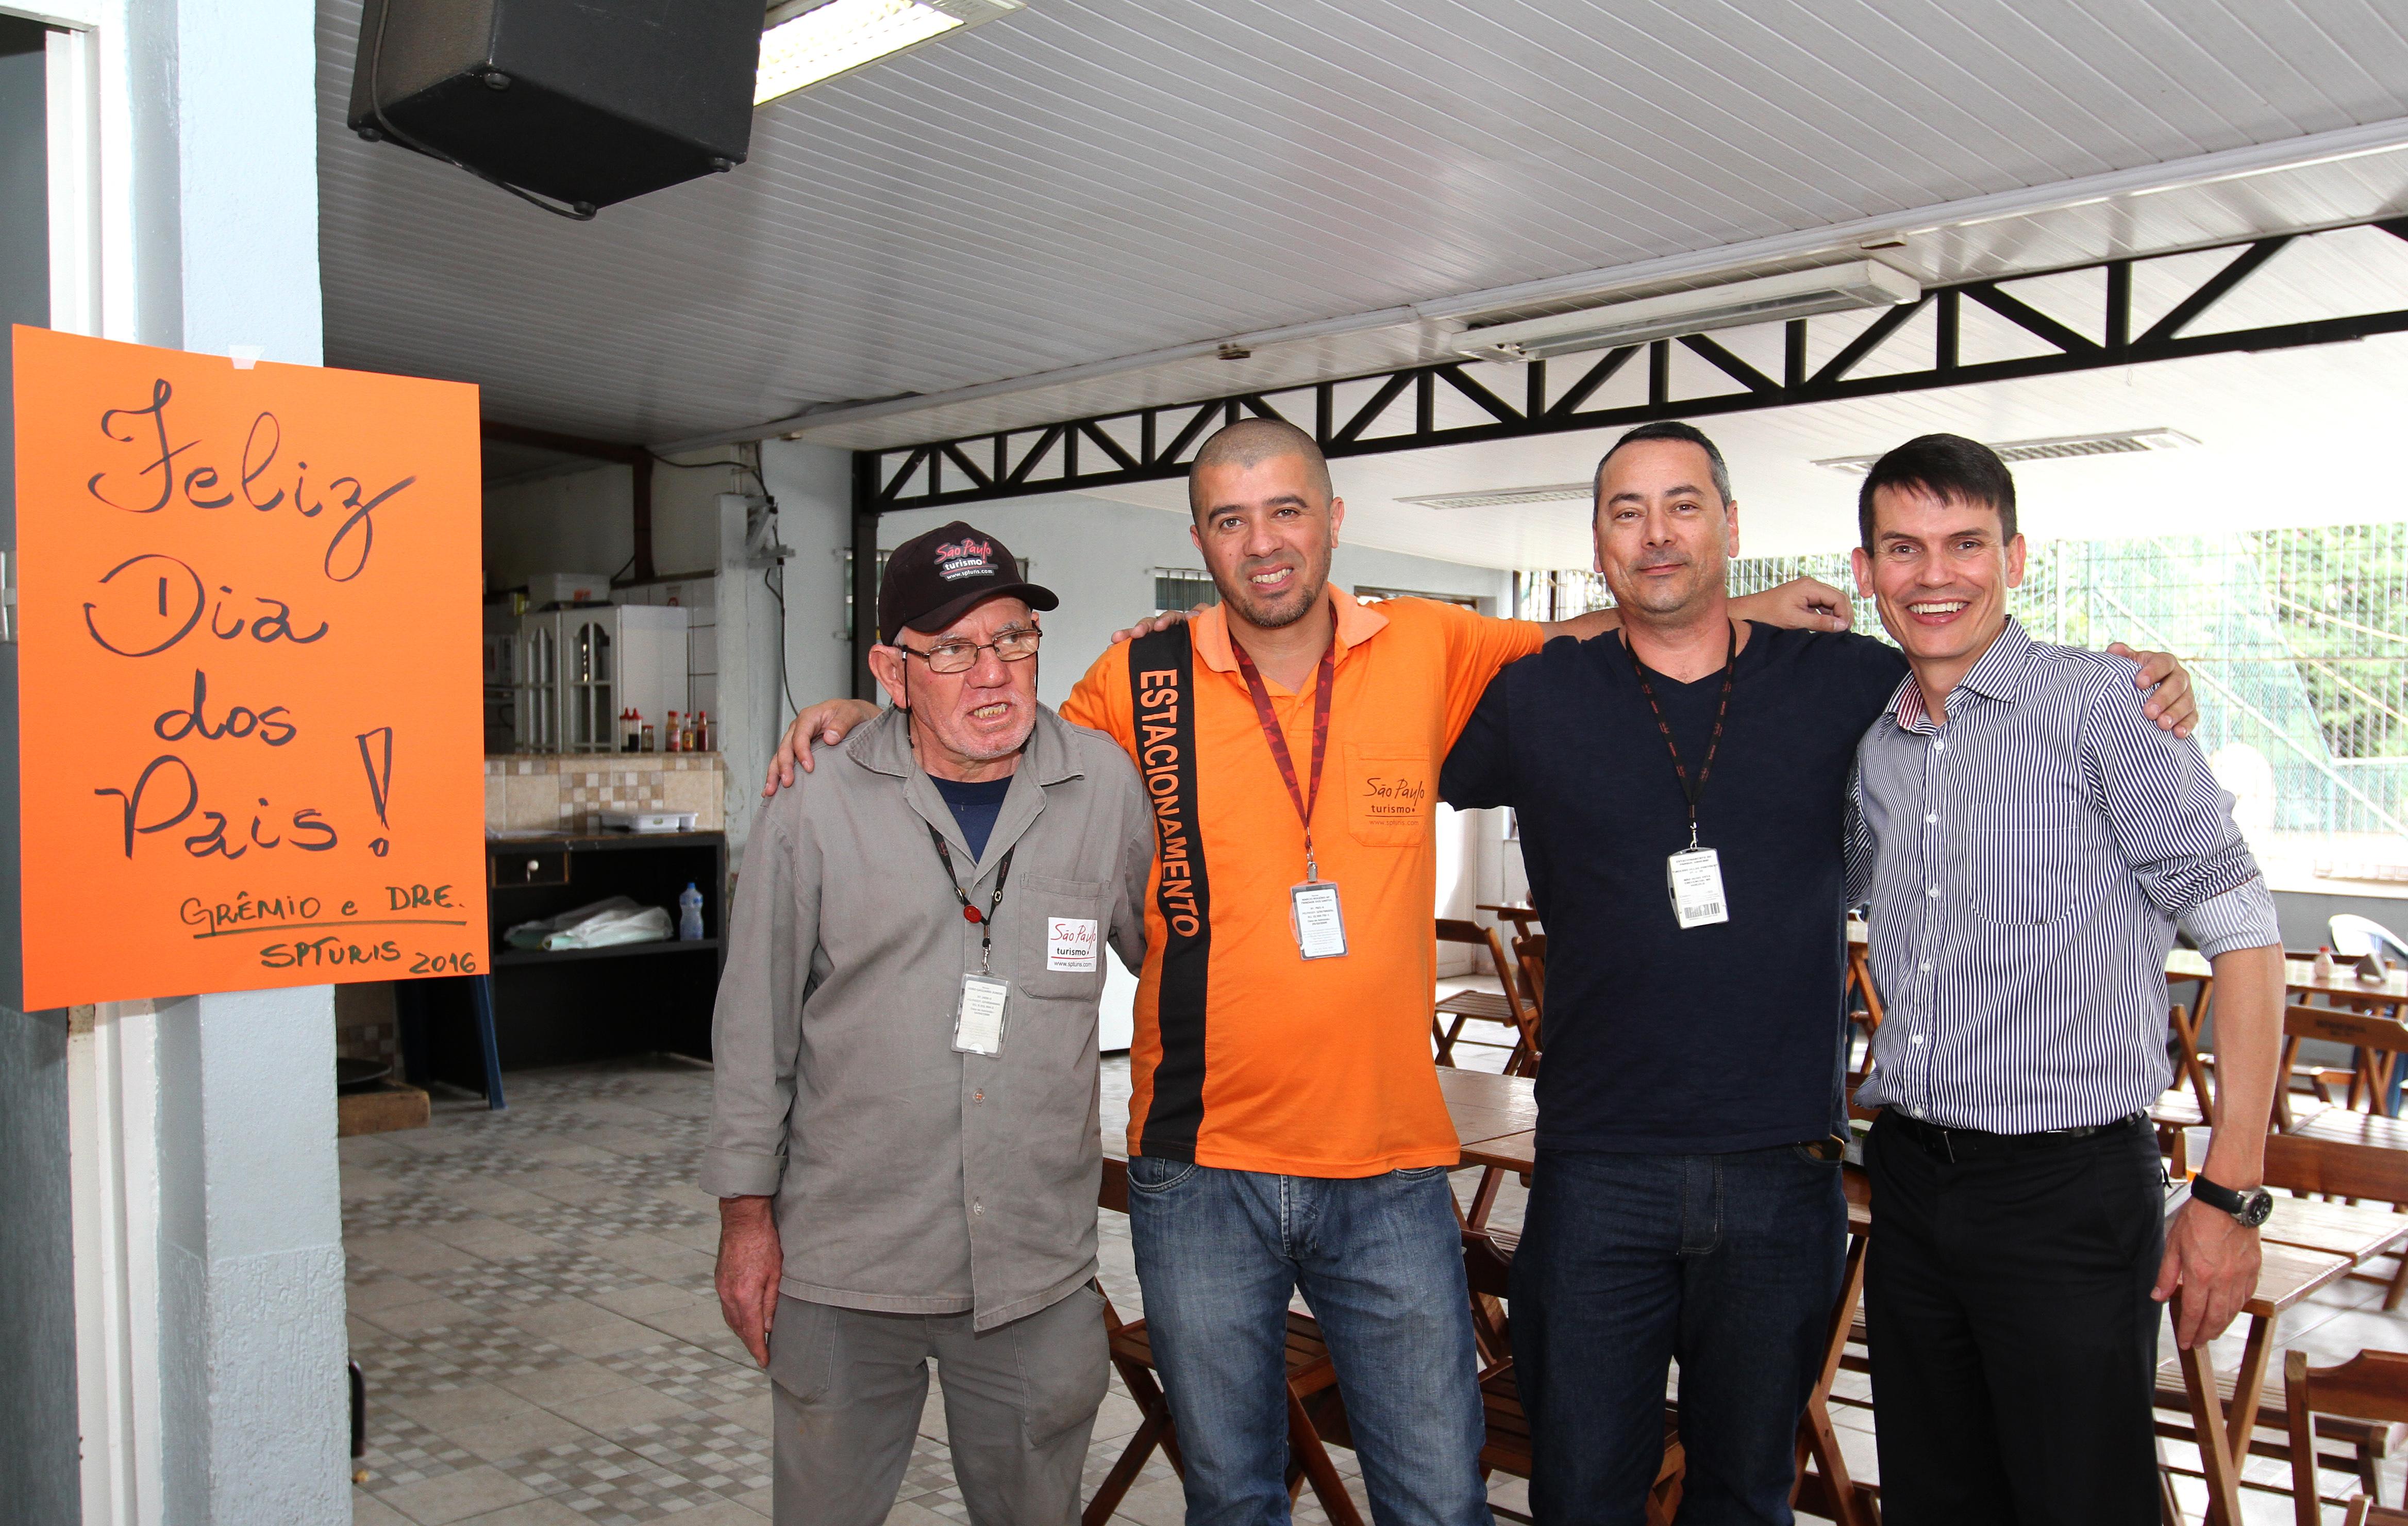 Dia dos Pais - Grêmio e DRE organizam almoço em homenagem aos pais. Foto: Jose Cordeiro/ SPTuris.